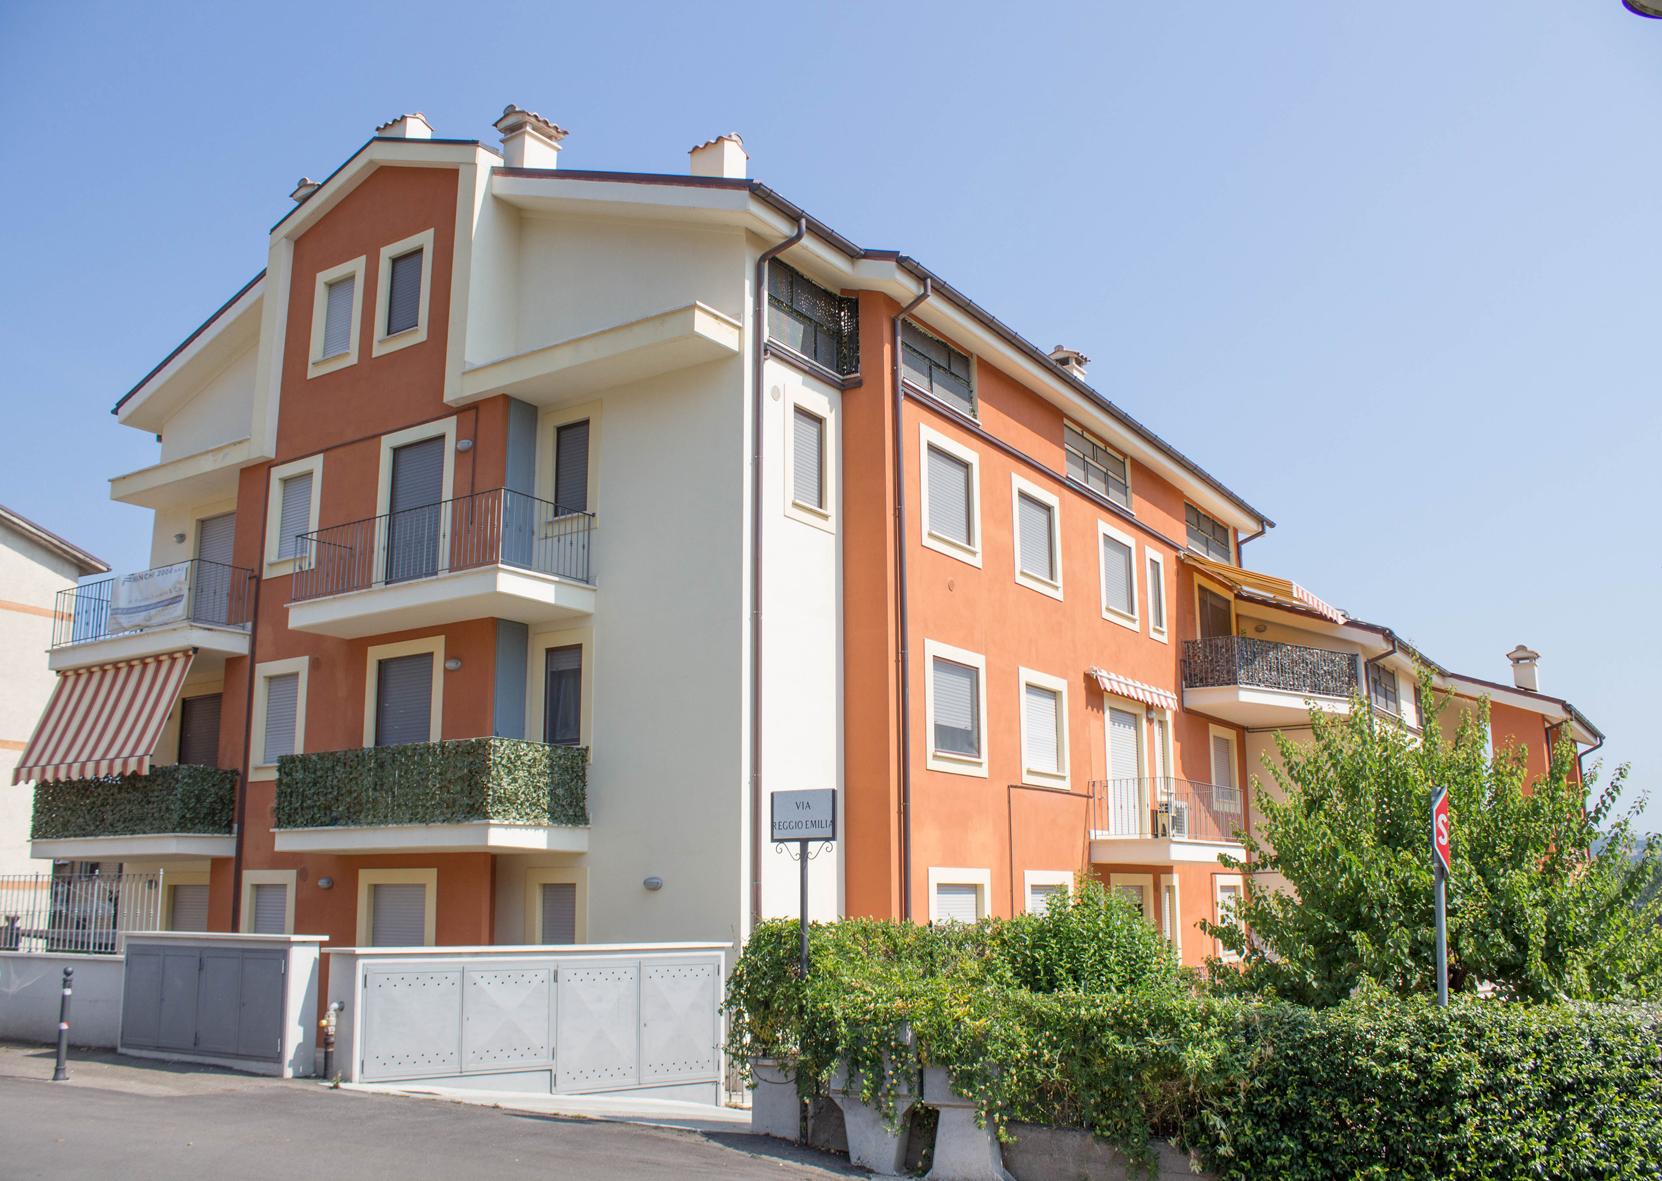 Appartamento in vendita a Orte, 3 locali, zona Località: OrteScalo, prezzo € 146.000 | Cambio Casa.it